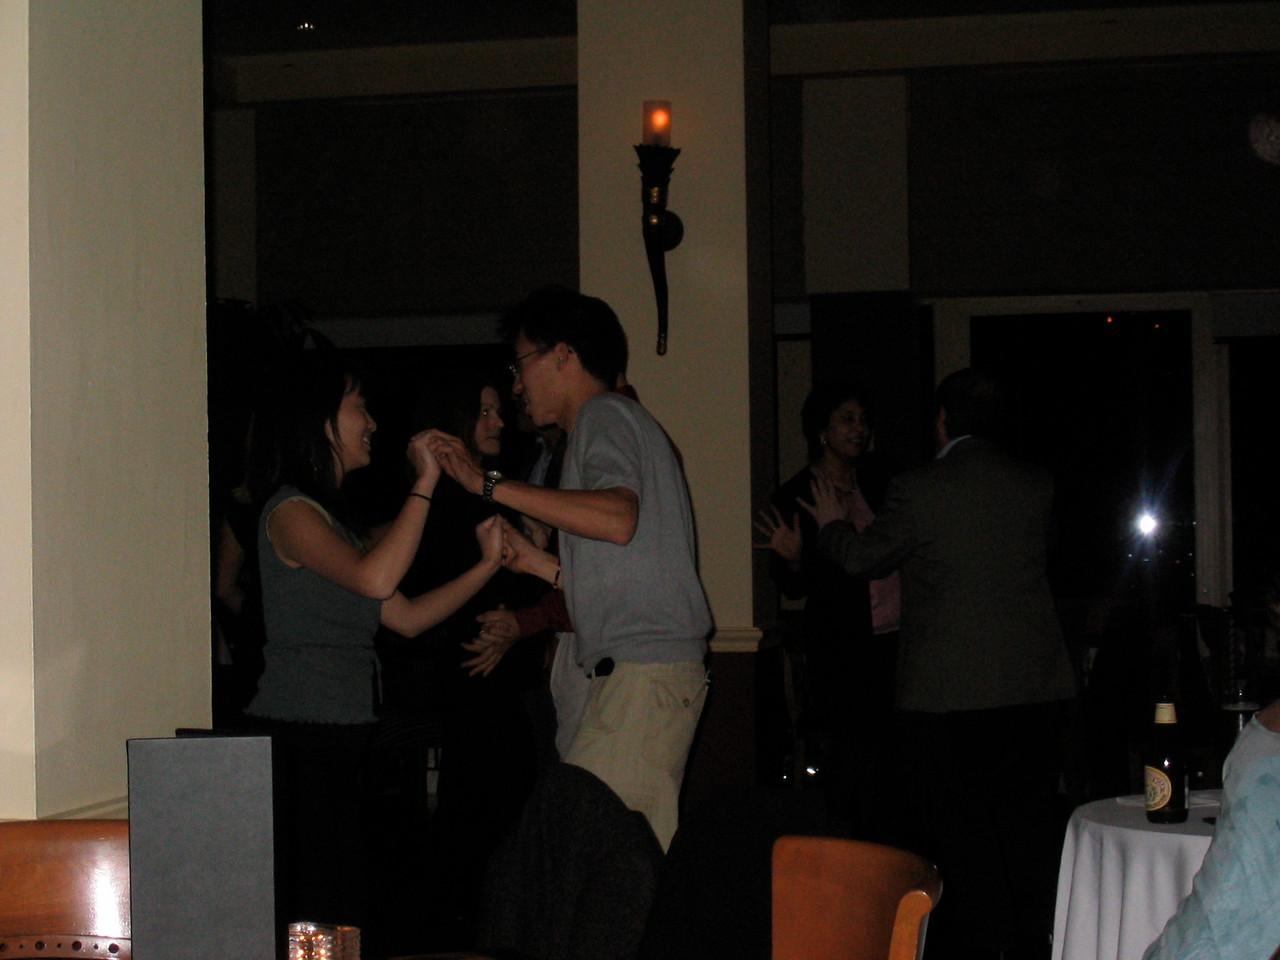 2004 06 11 Friday - Top of The Mark - Estee & Ben on the floor